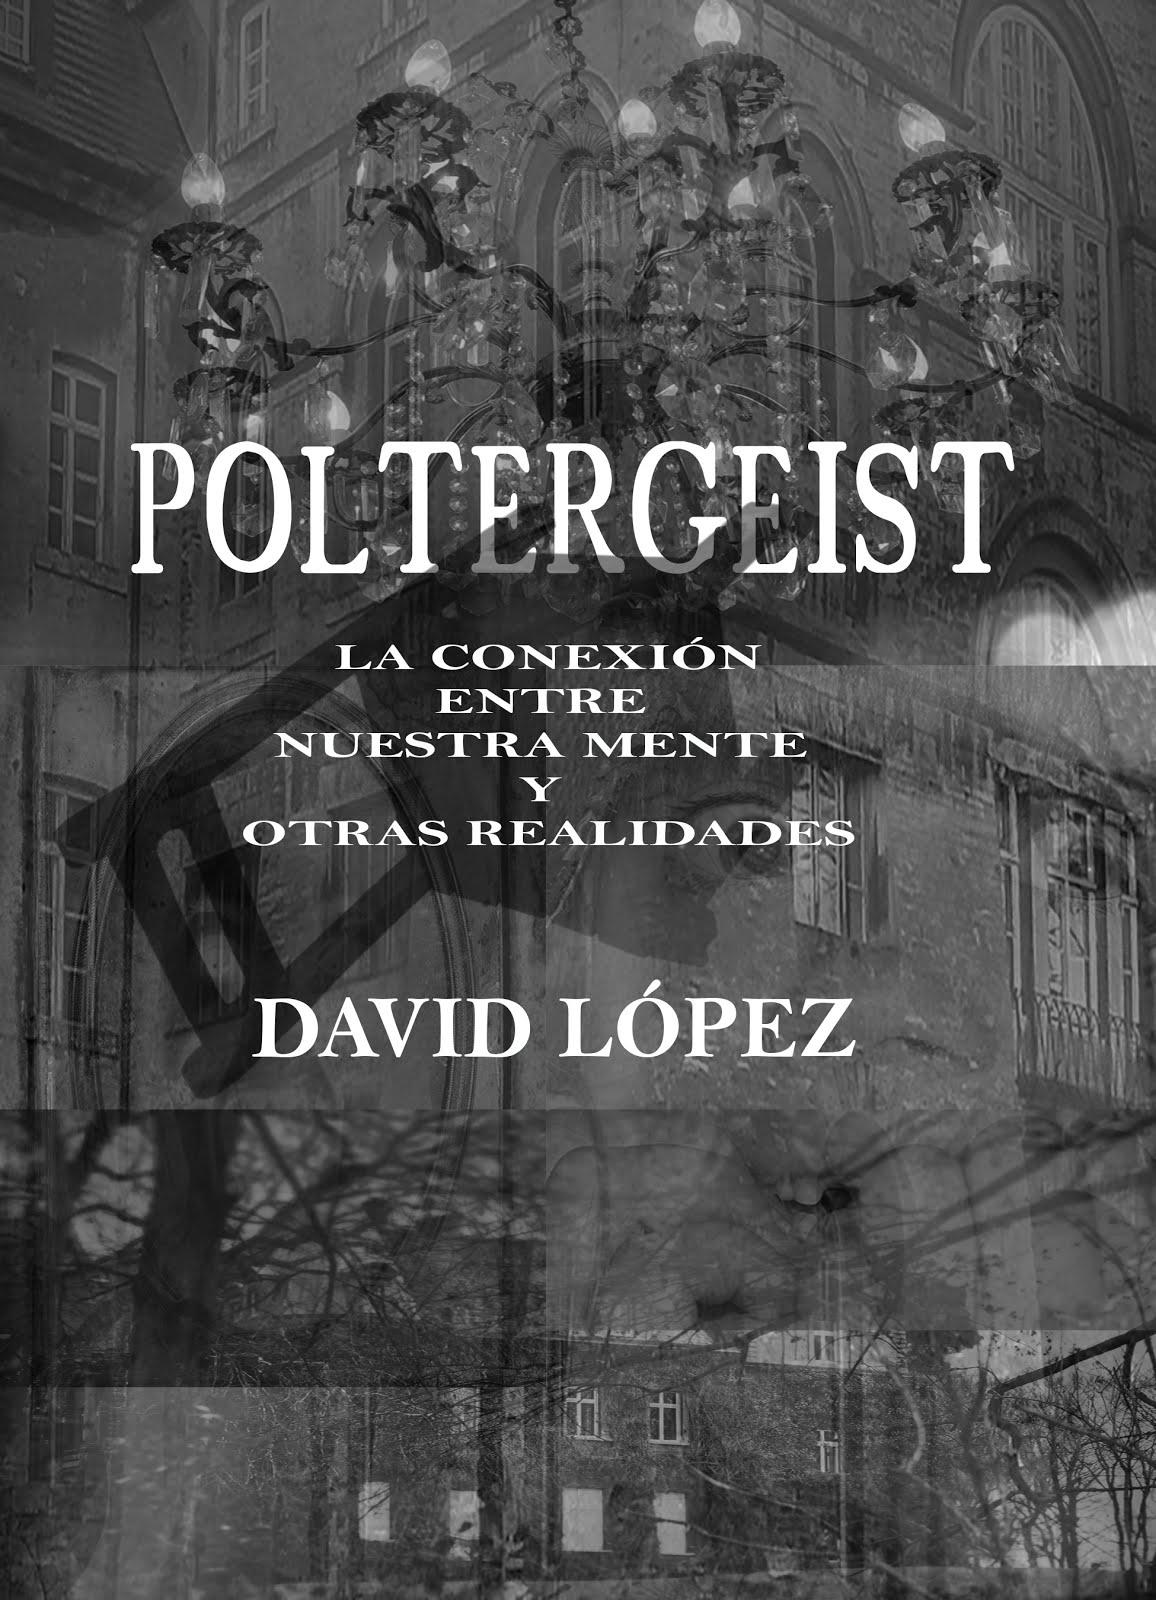 NUEVO LIBRO DE DAVID LÓPEZ